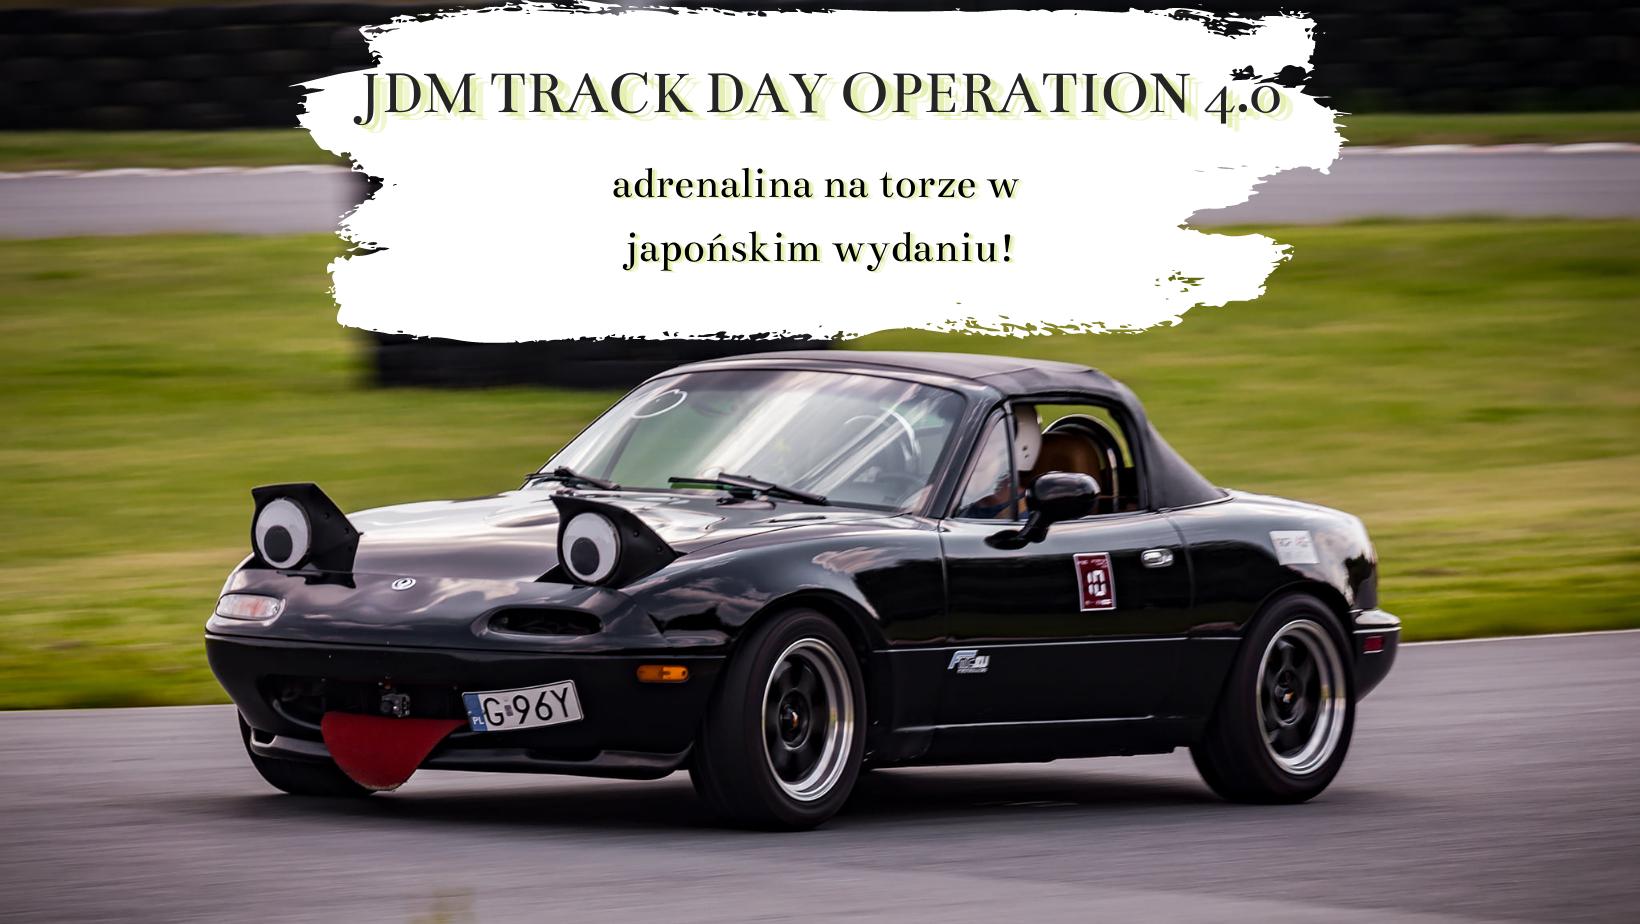 JDM TRACK DAY OPERATION 4.0 – co kryje się pod tą nazwą? Oczywiście dobra zabawa!